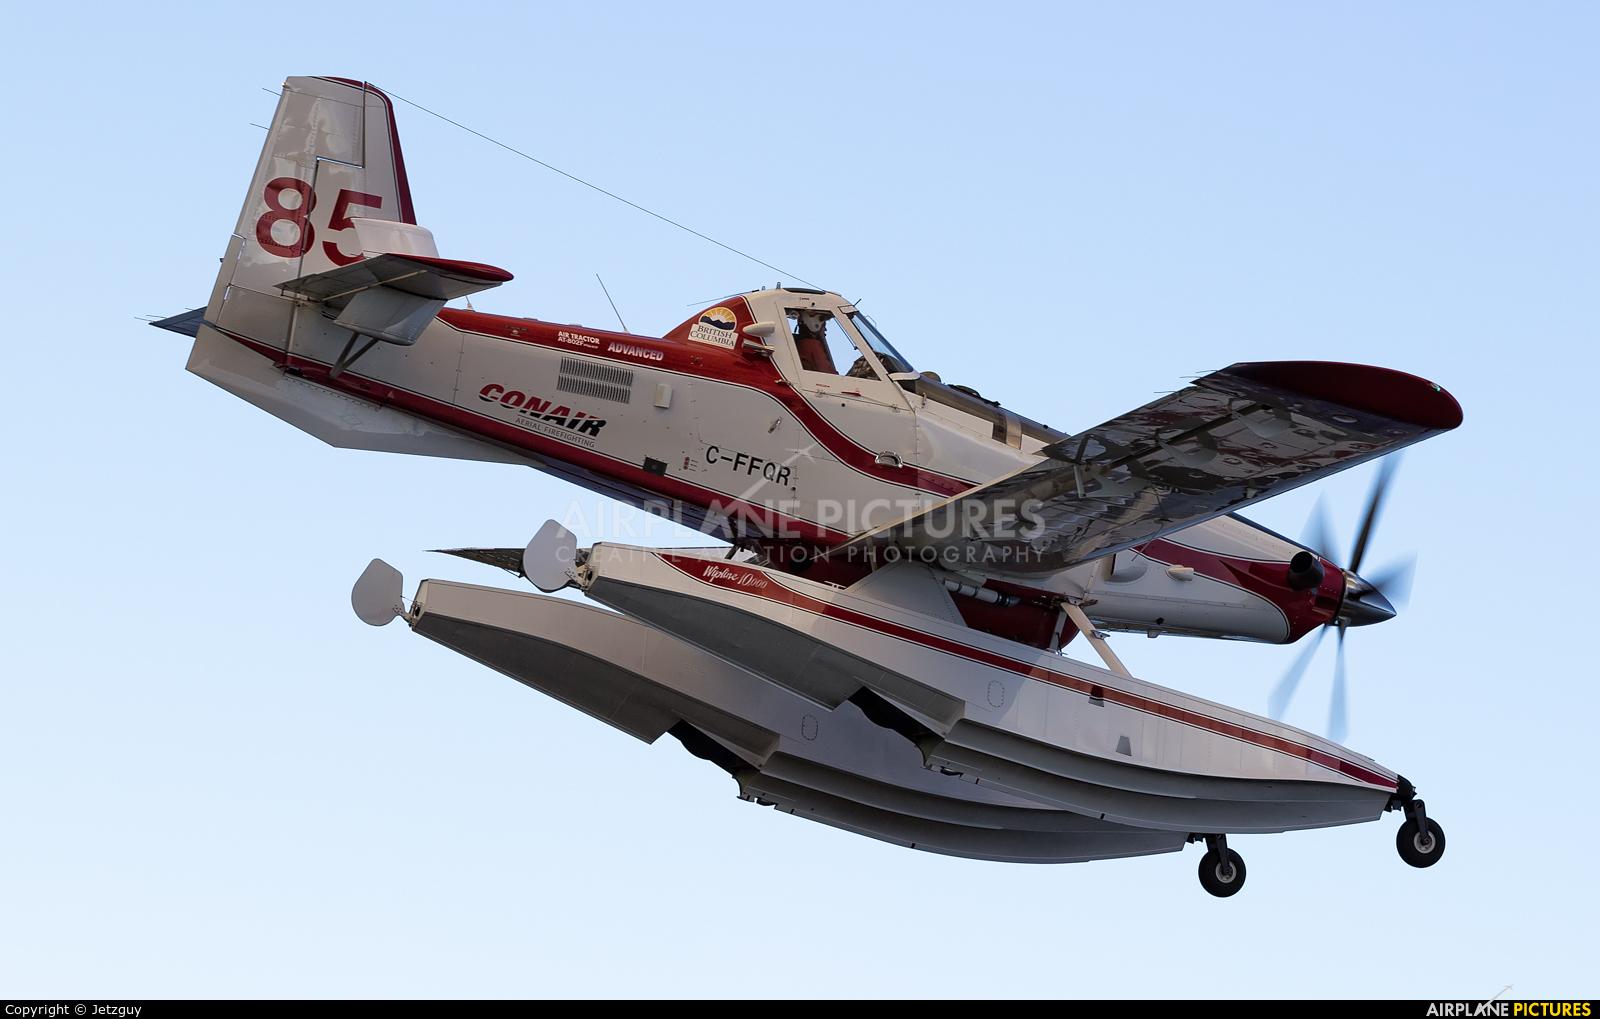 Conair C-FFQR aircraft at 100 Mile House - Watson Lake, BC